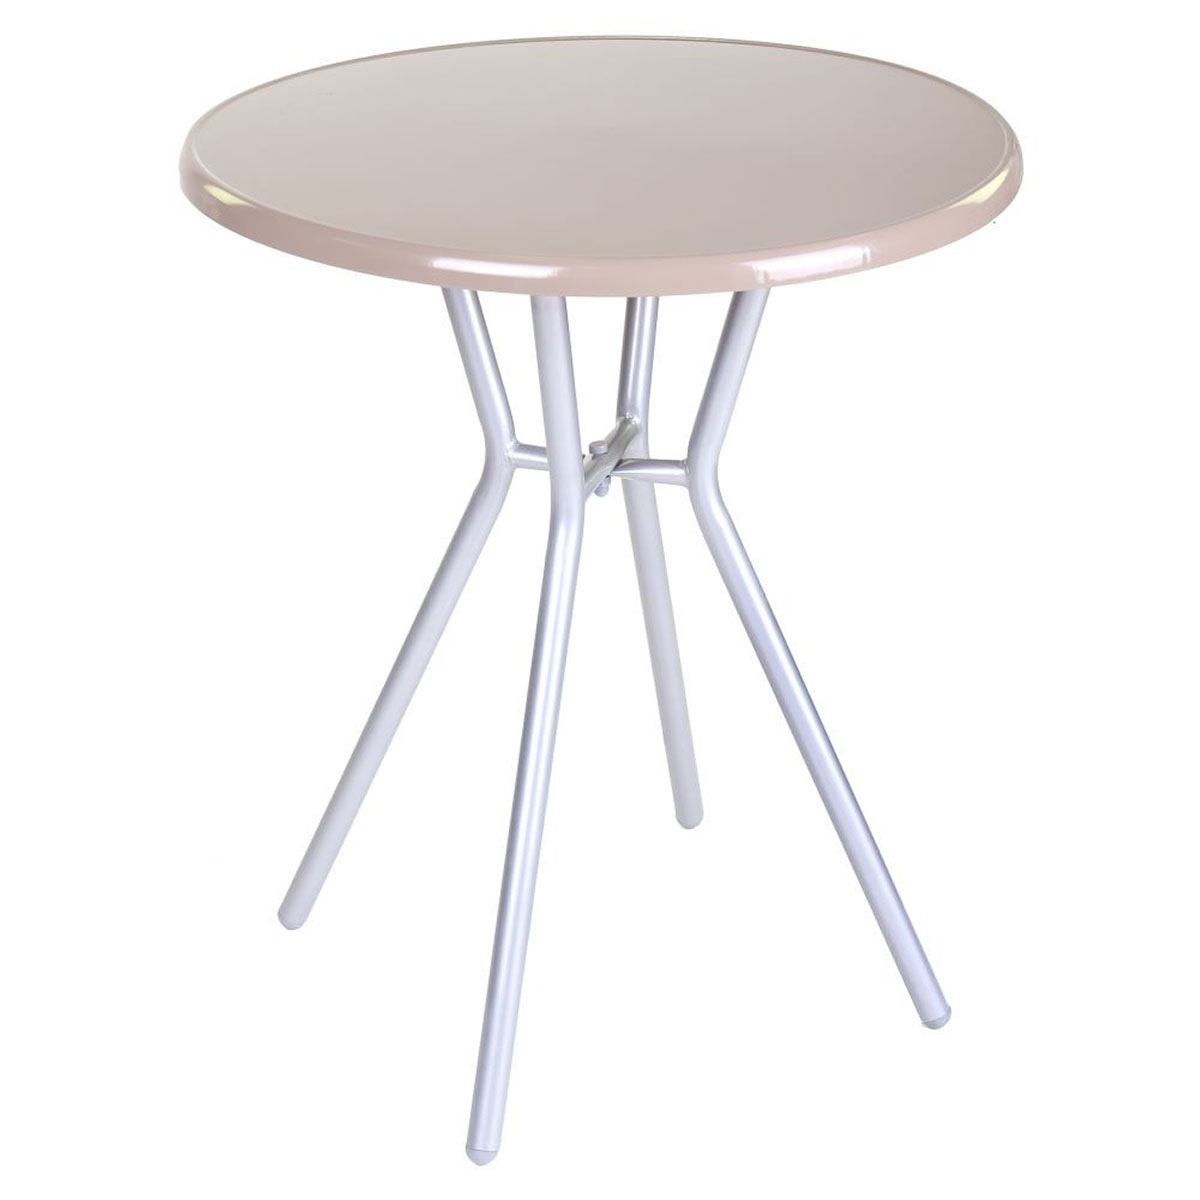 Table de jardin ronde en acier - GRIS/TAUPE - 60.00 cm x 60.00 cm x 70.00 cm